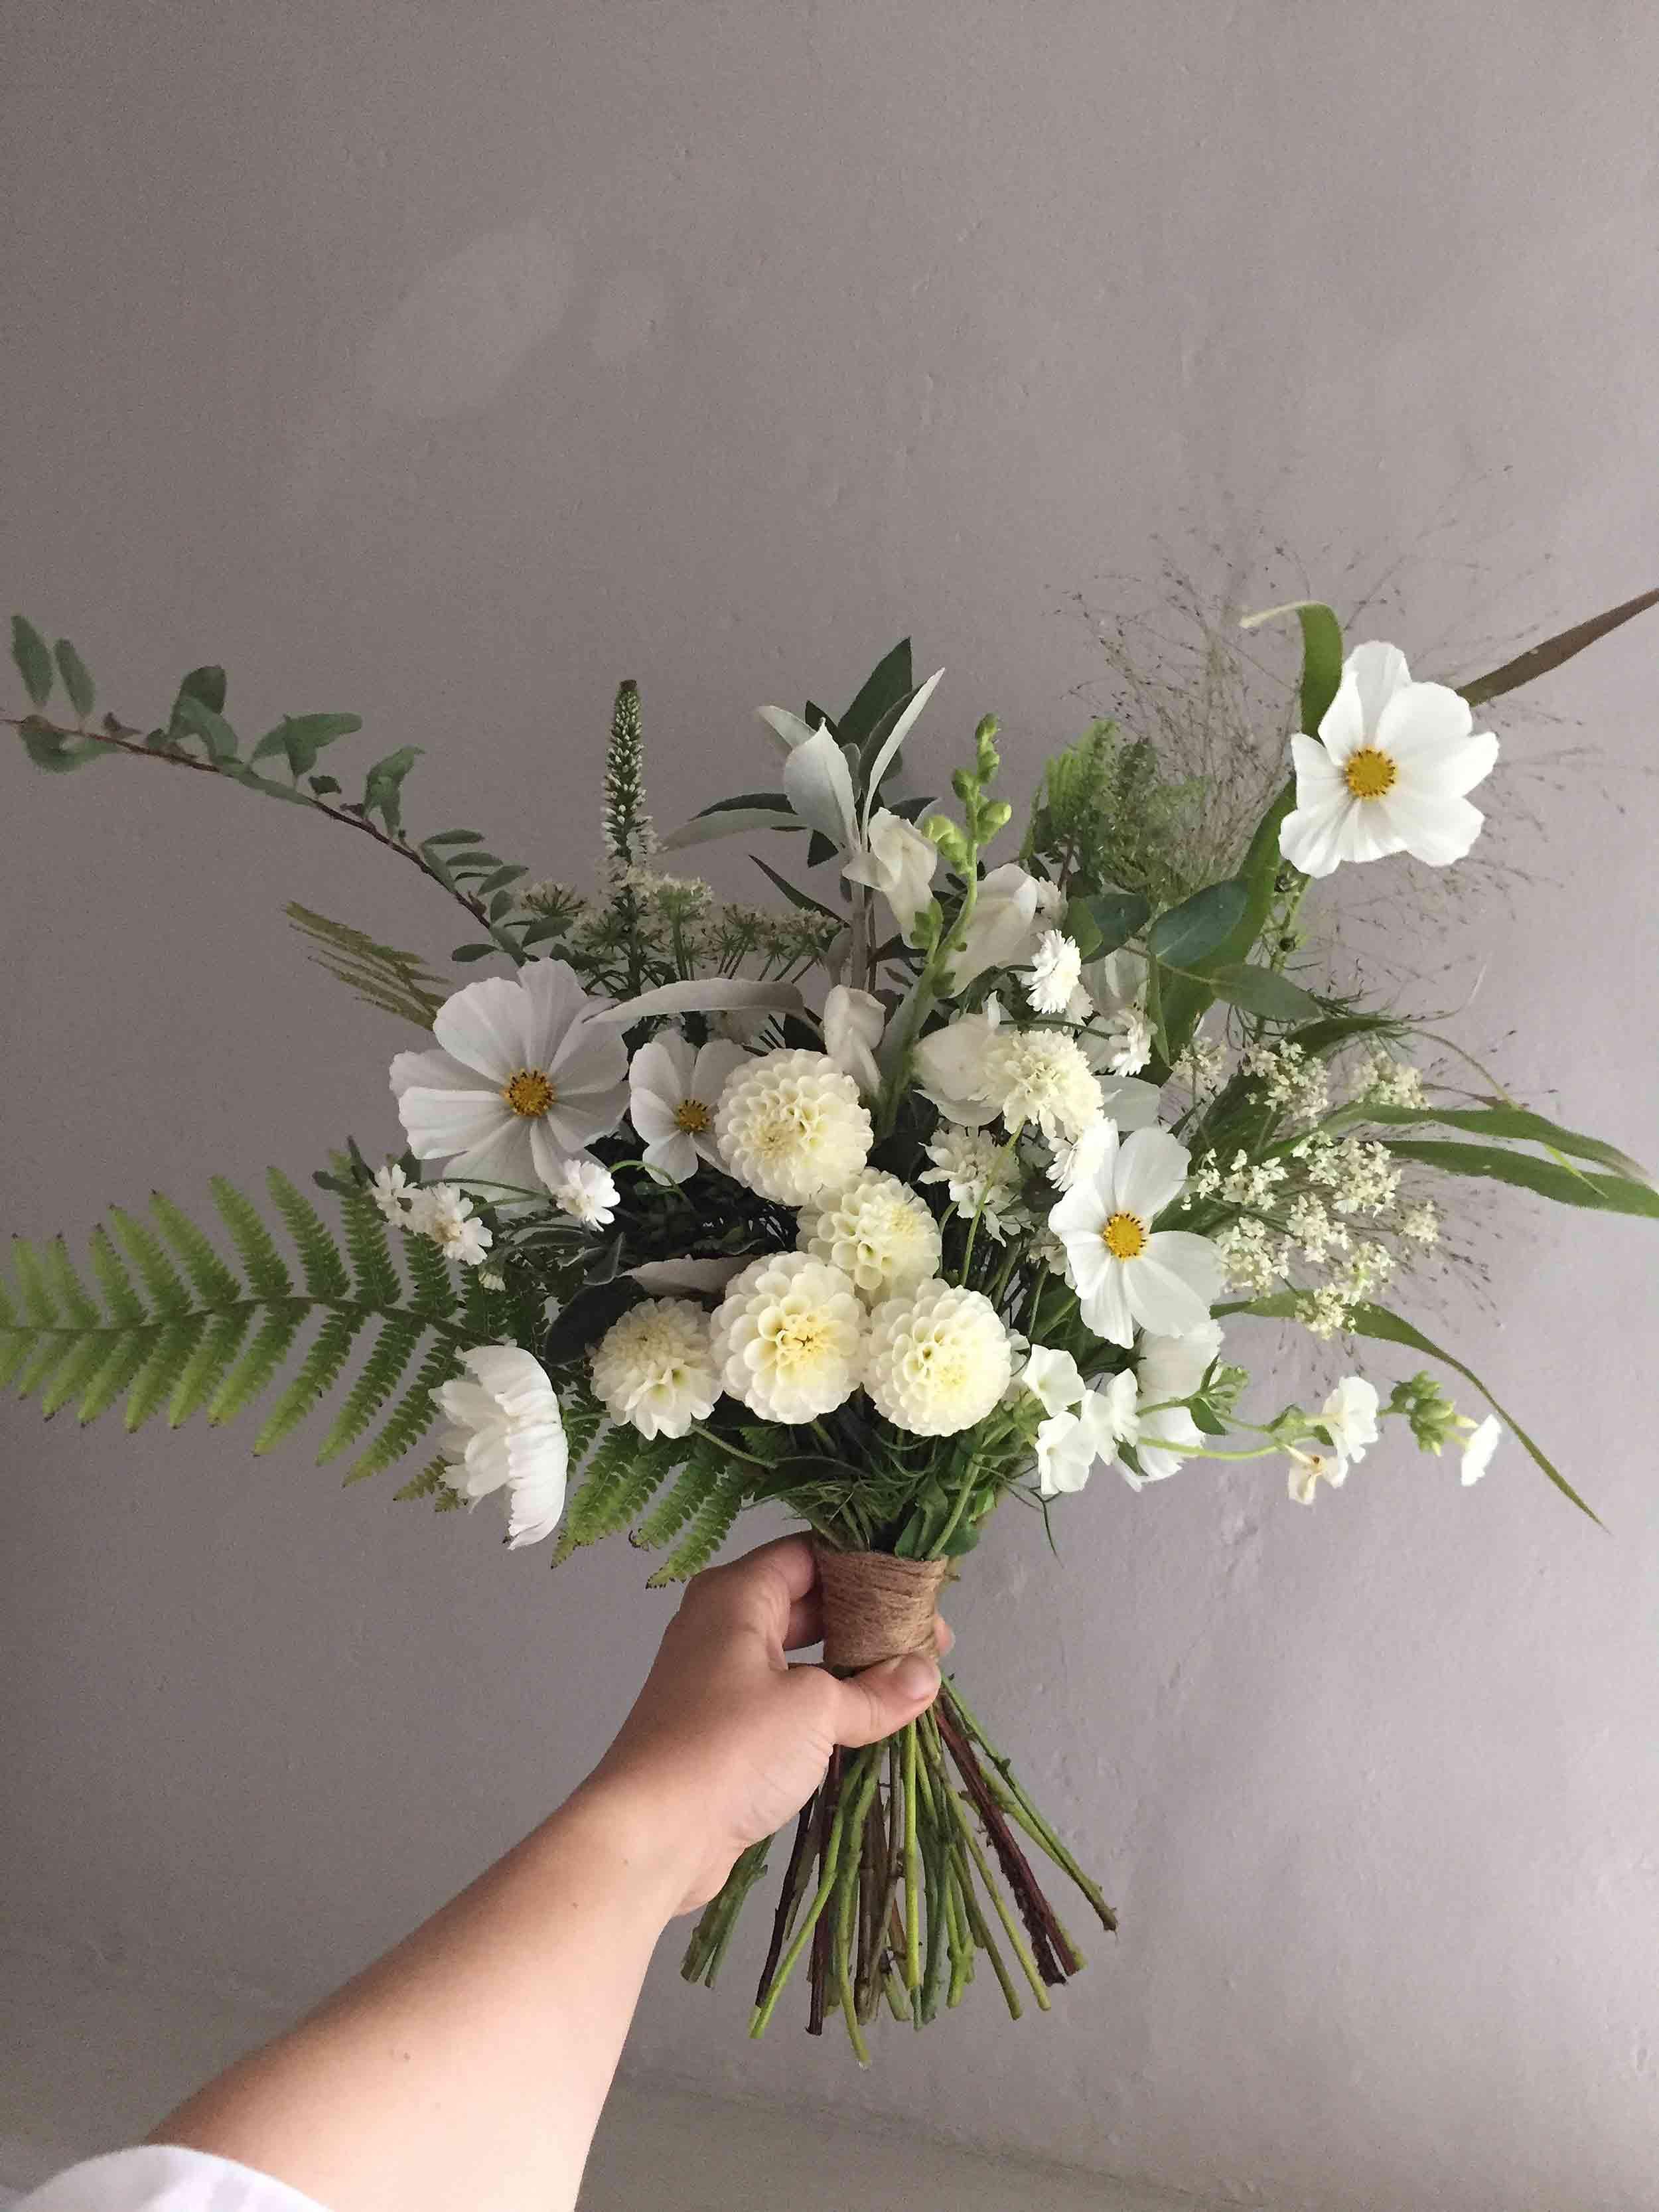 lunaria_wedding_flowers_somerset_UK_21.jpg